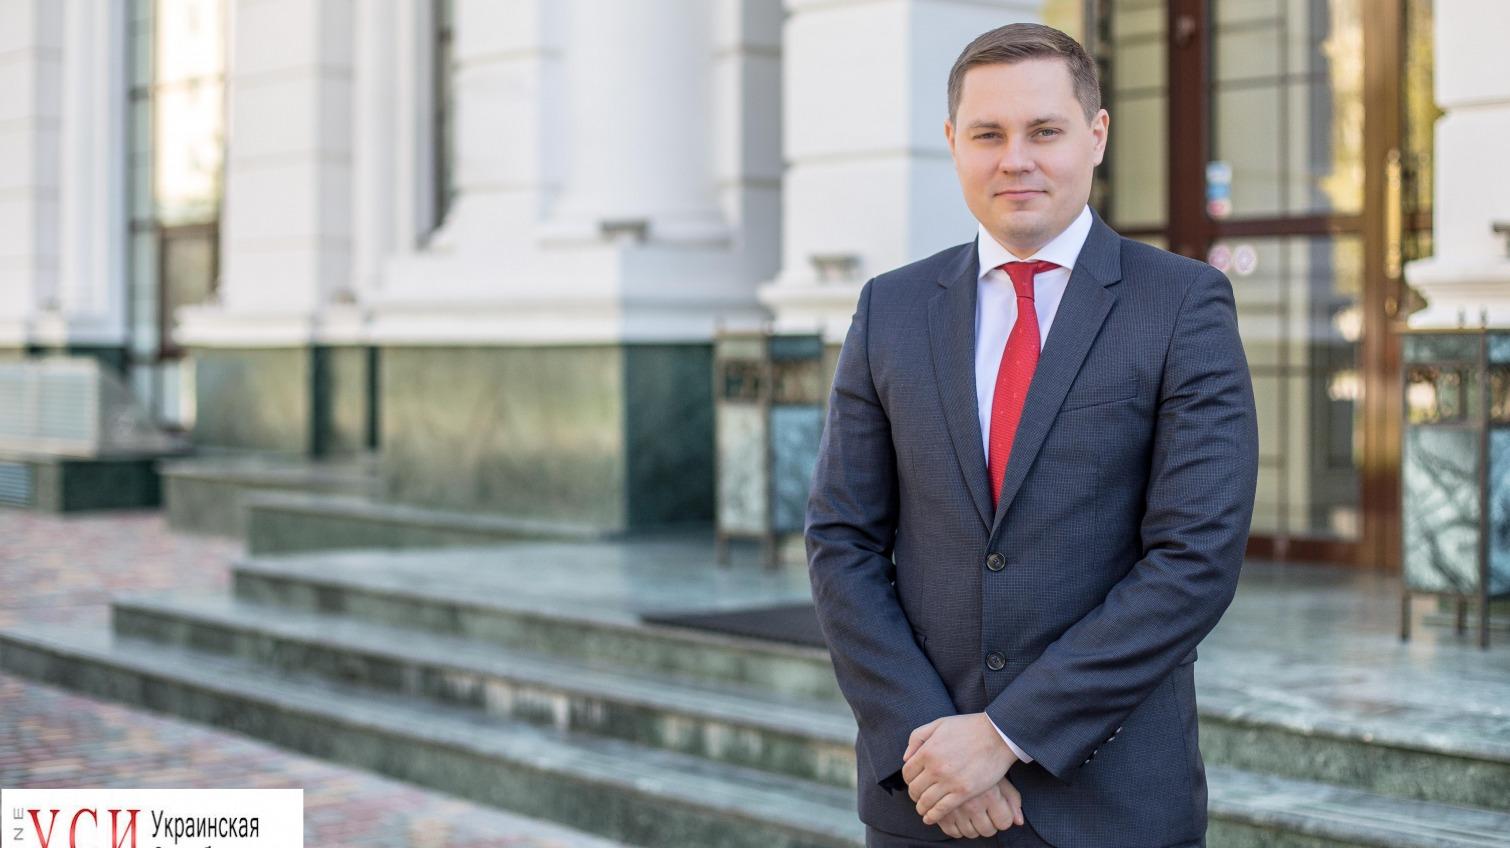 Замминистра экономки Украины Михаил Титарчук: «Когда мы говорим о коррупции, мы обсуждаем последствия, а не причину» «фото»